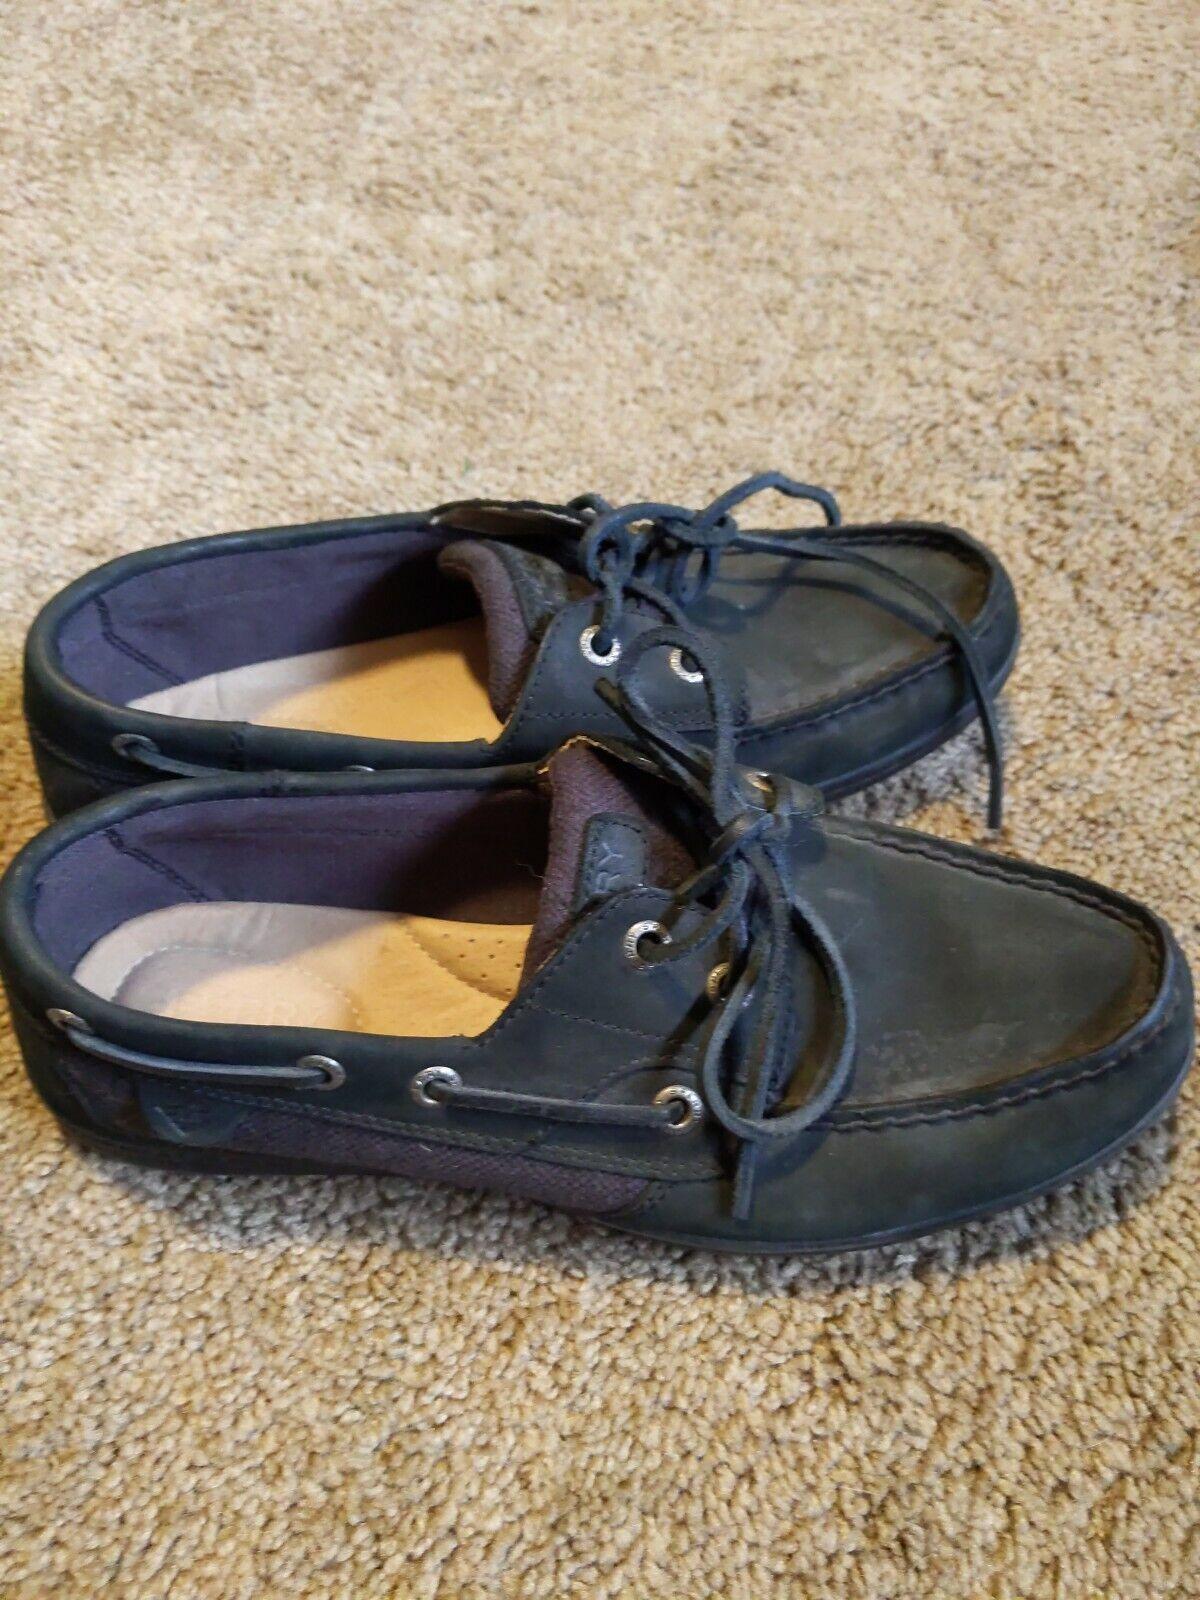 Koifish Boat Shoe Black 7.5M